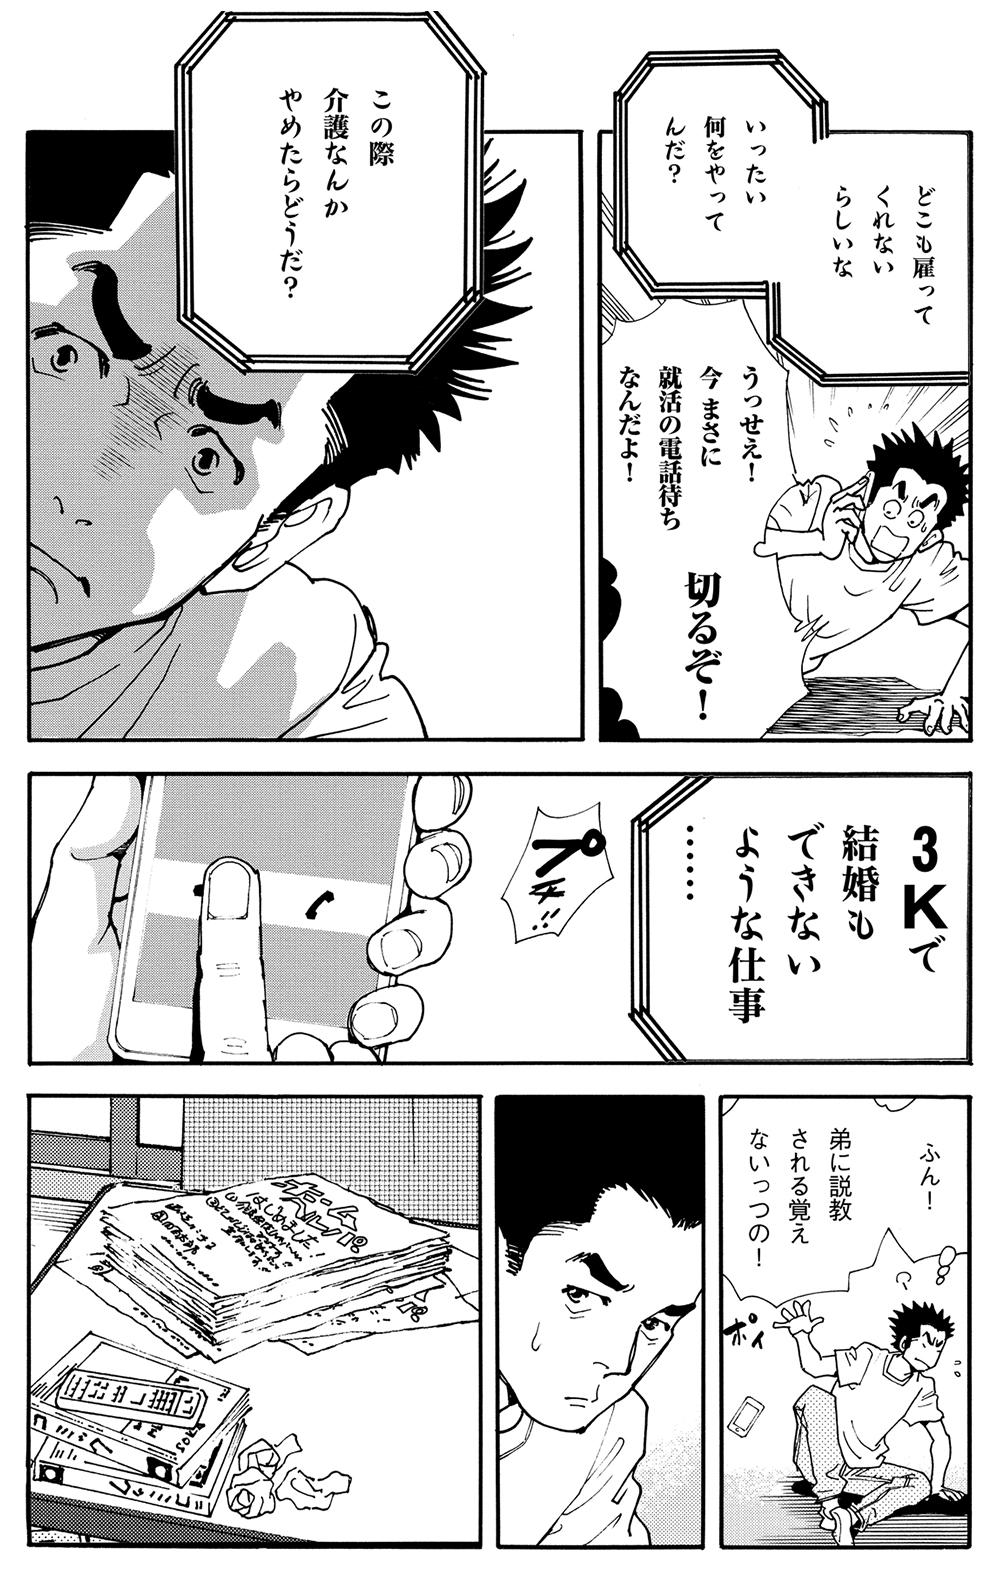 ヘルプマン!! 第1話「フリー介護士現る!」help1-15.jpg